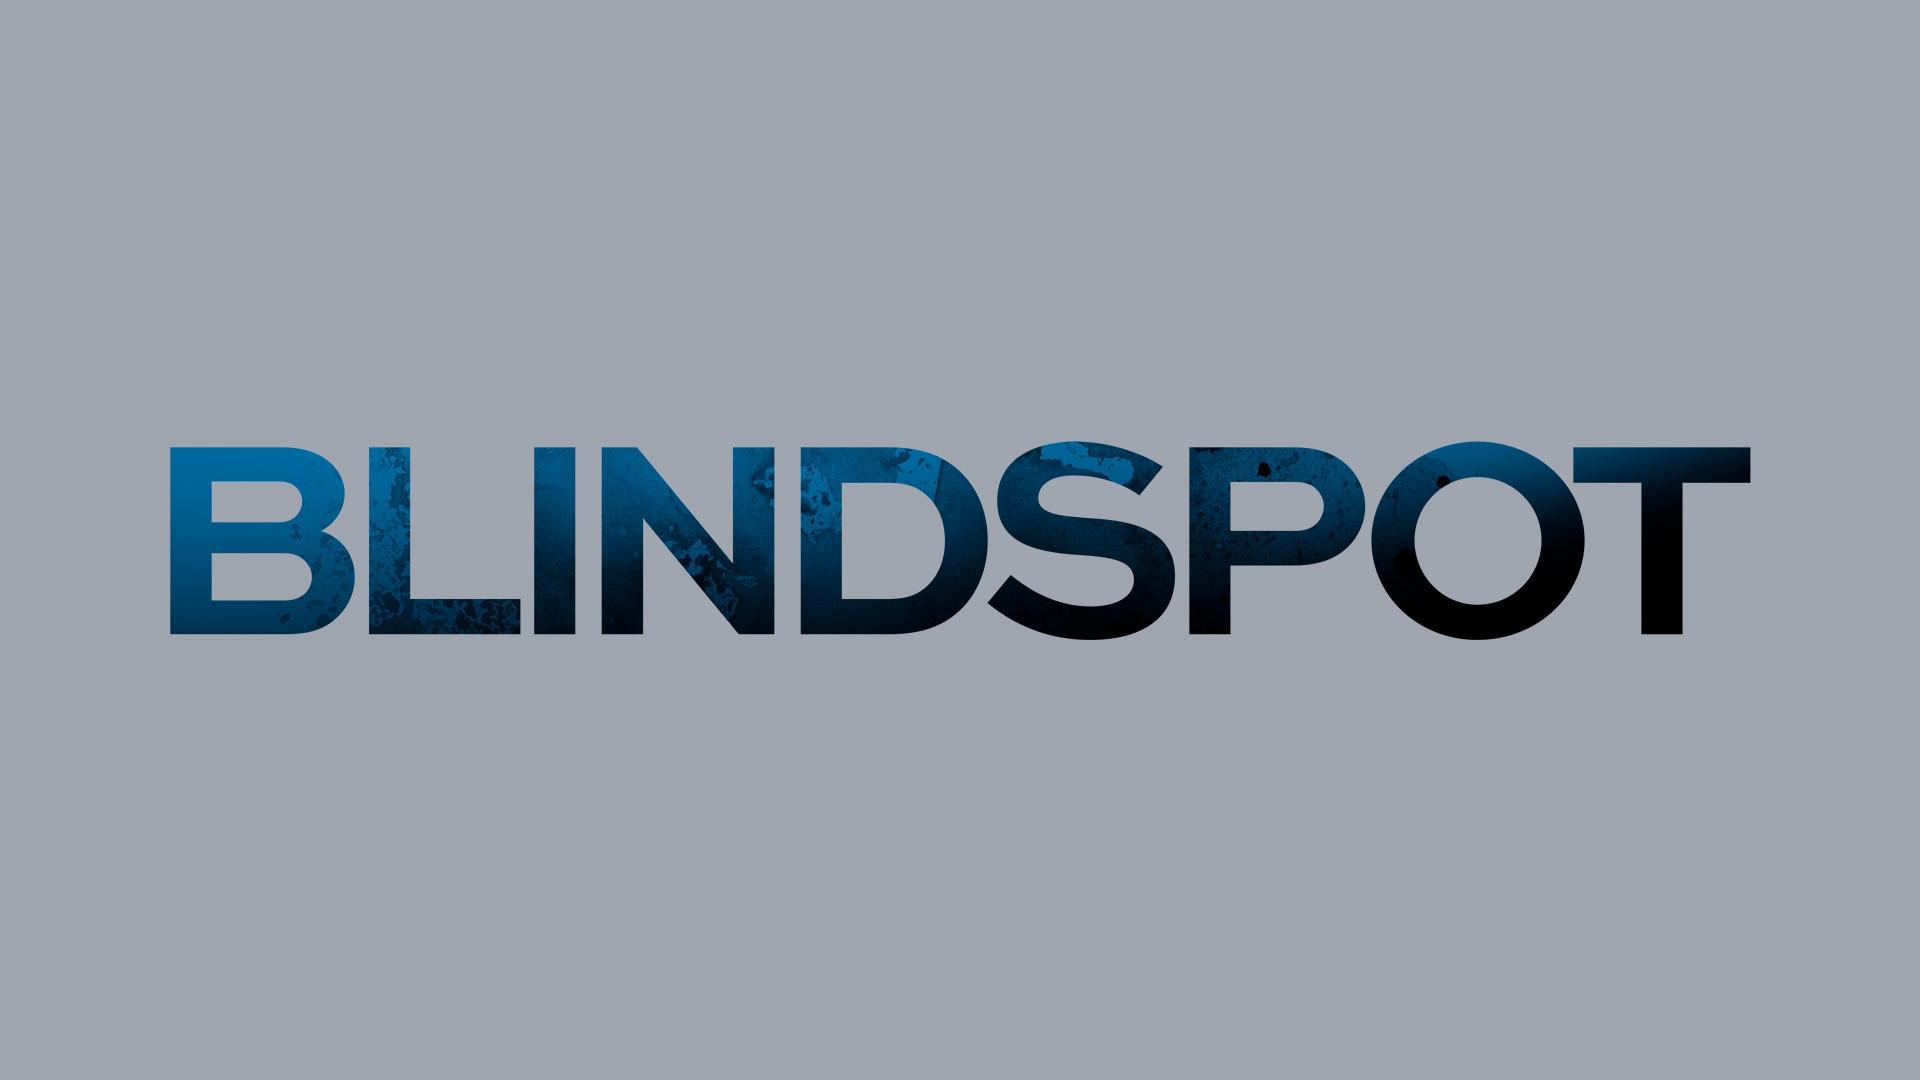 Blindspot - NBC com